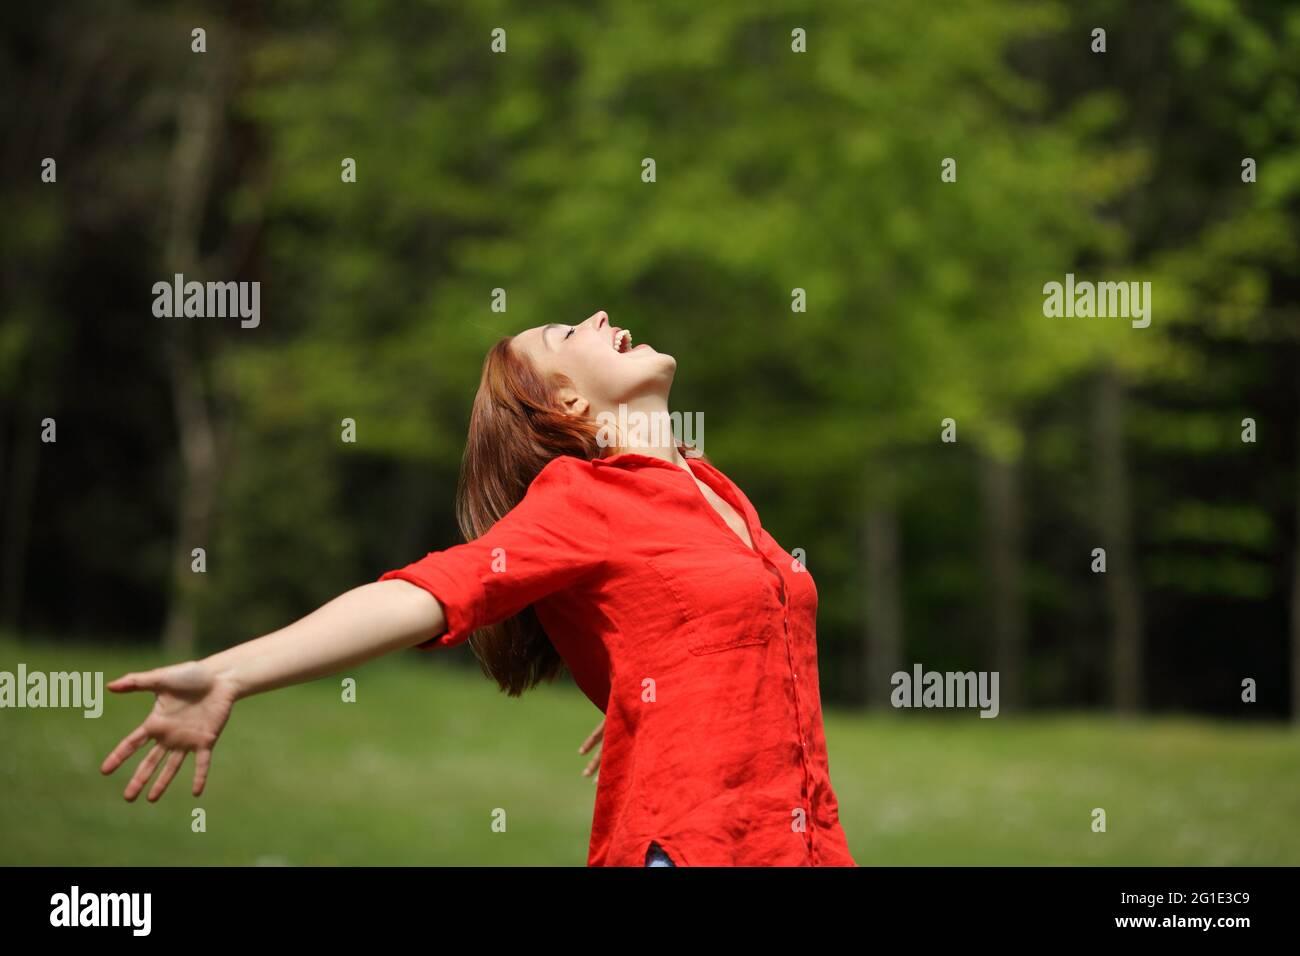 Femme excitée en rouge criant à l'air étirant les bras dans une forêt Banque D'Images